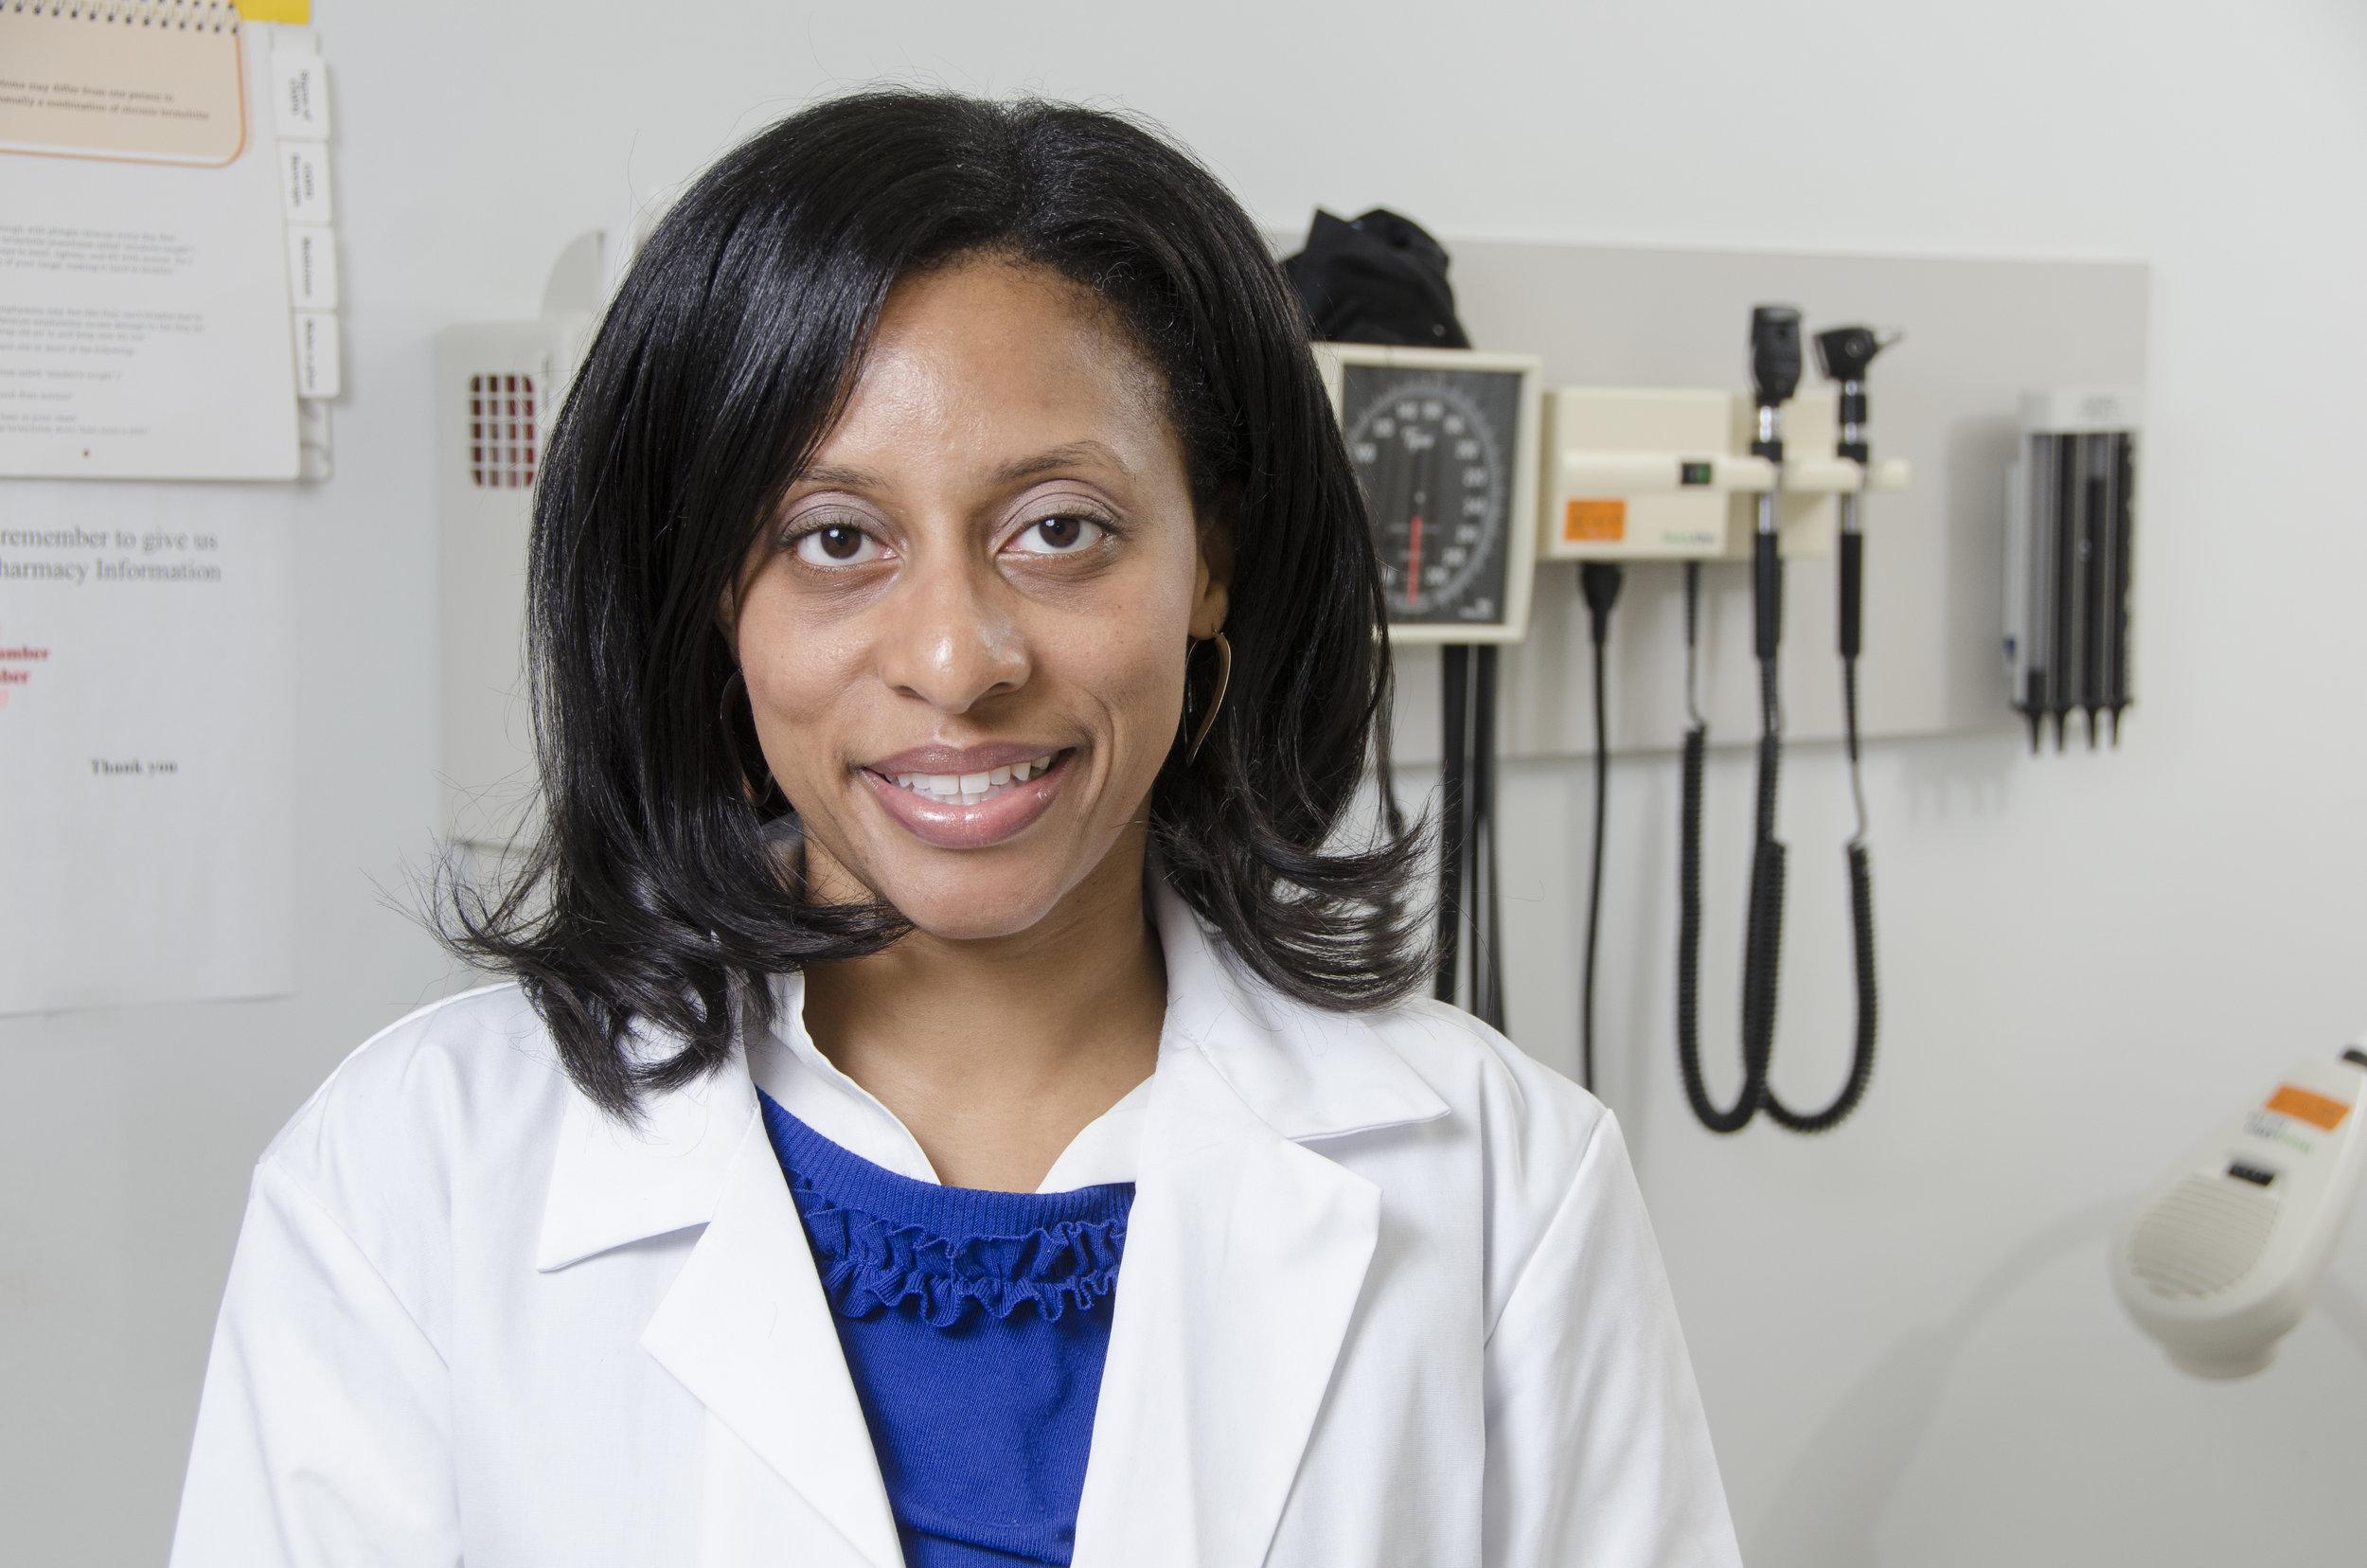 Dr. Alana Biggers